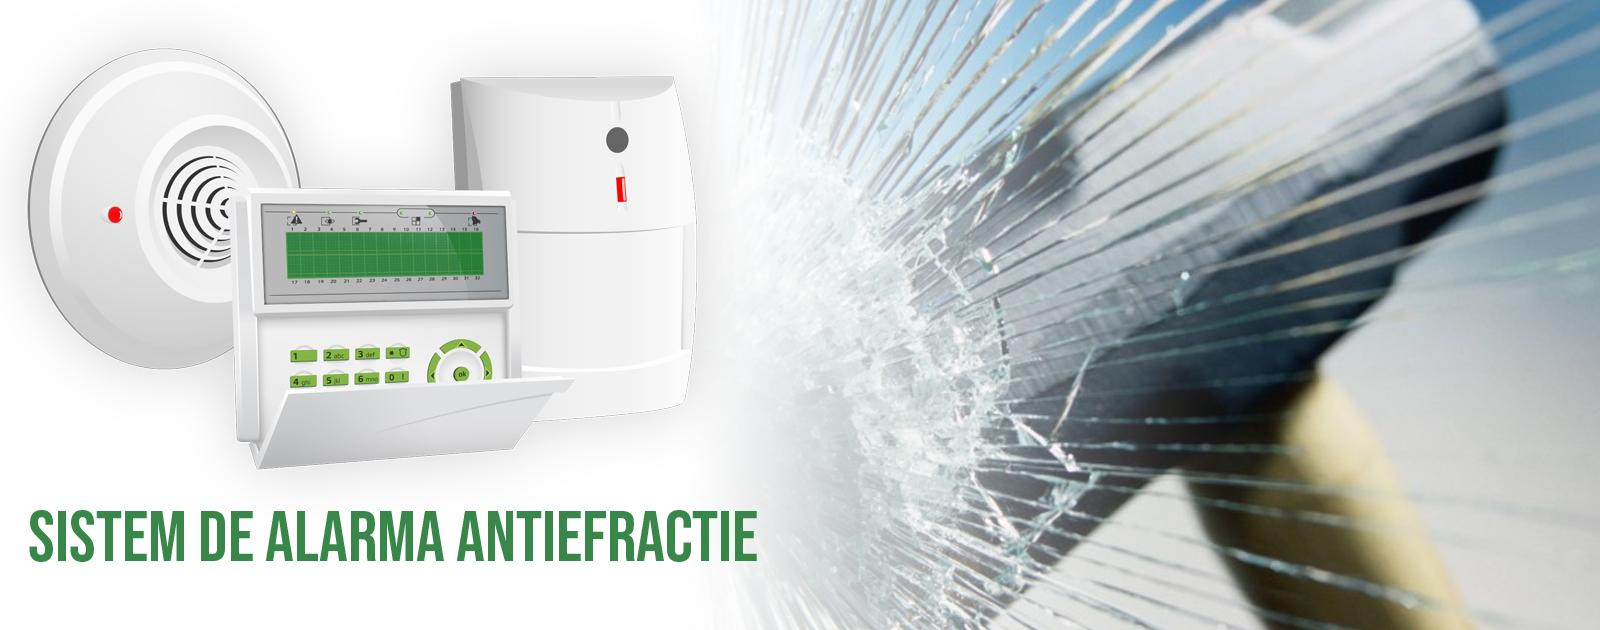 sistem de alarma antiefractie